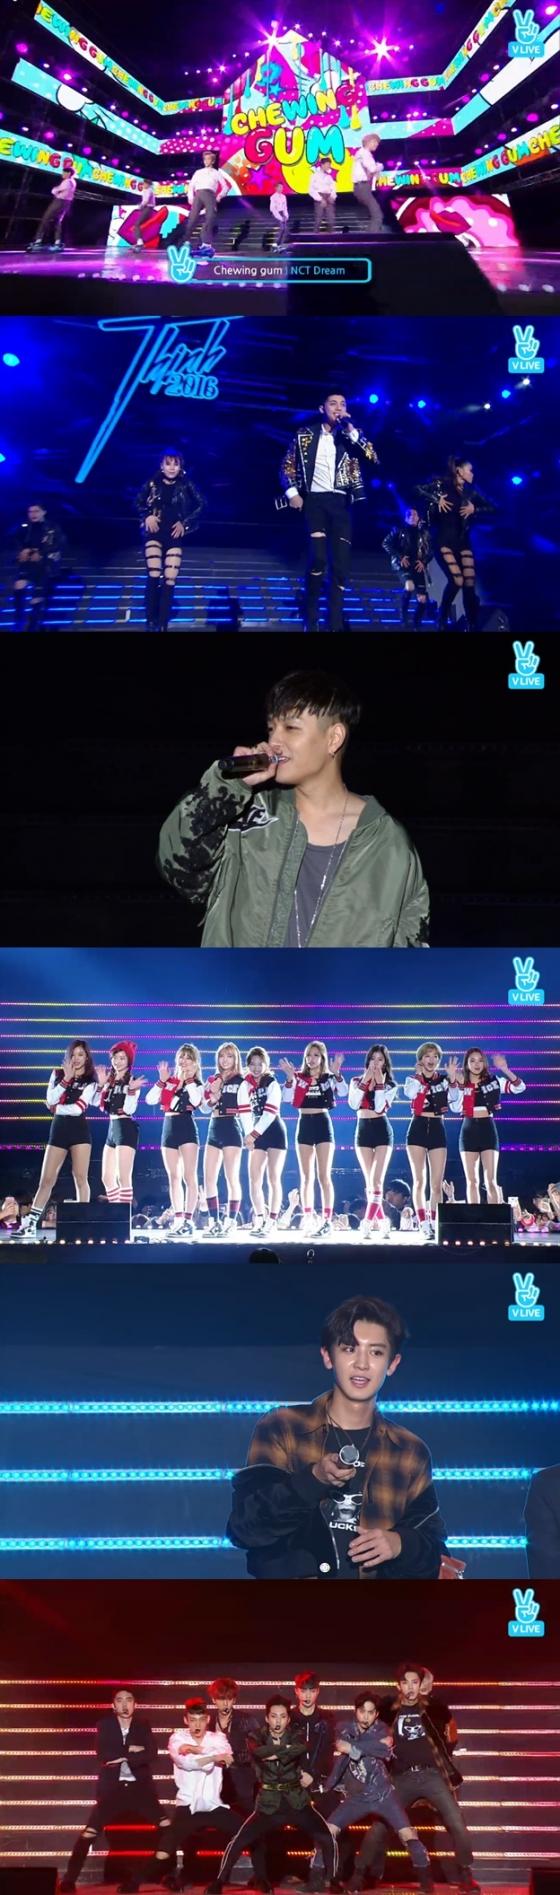 Thái độ fan Hàn Quốc khi Noo Phước Thịnh biểu diễn - Ảnh 1.